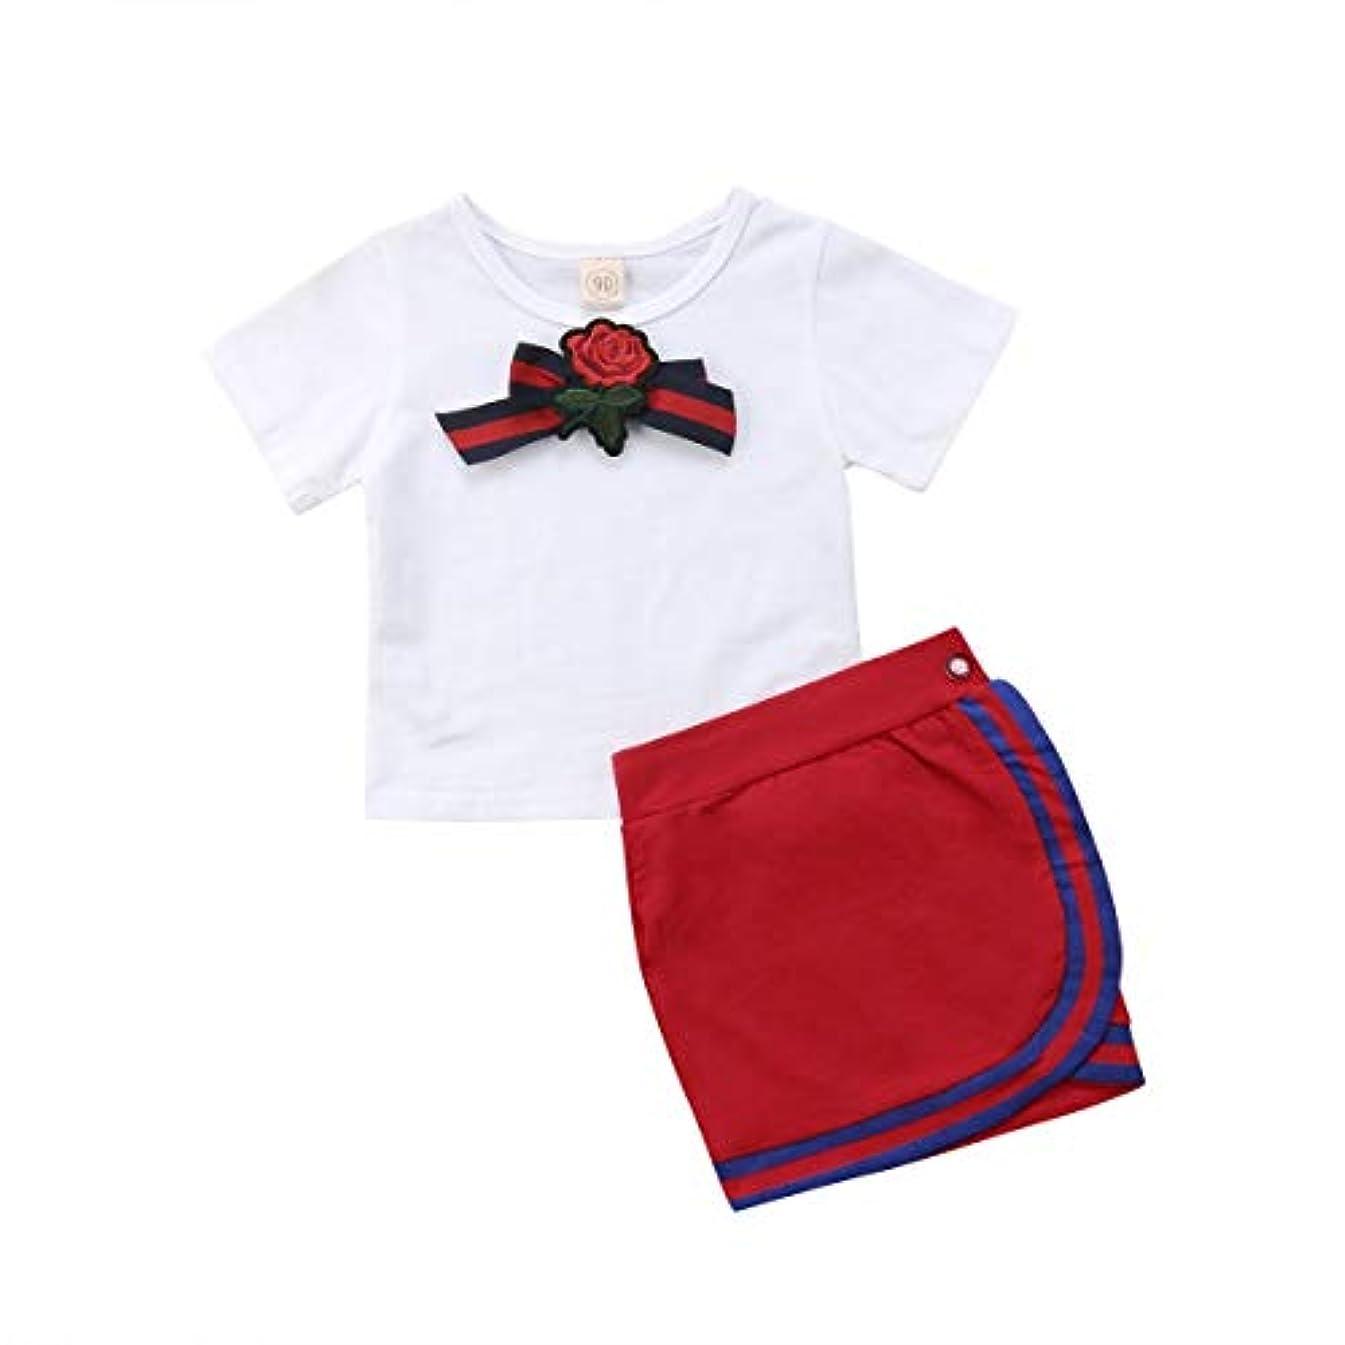 科学者請負業者独立してMaxcrestas - 女子制服新生児キッズベビー は蝶の花タイのTシャツショートミニスカートパーティーウェディングチュチュドレストップス設定します。